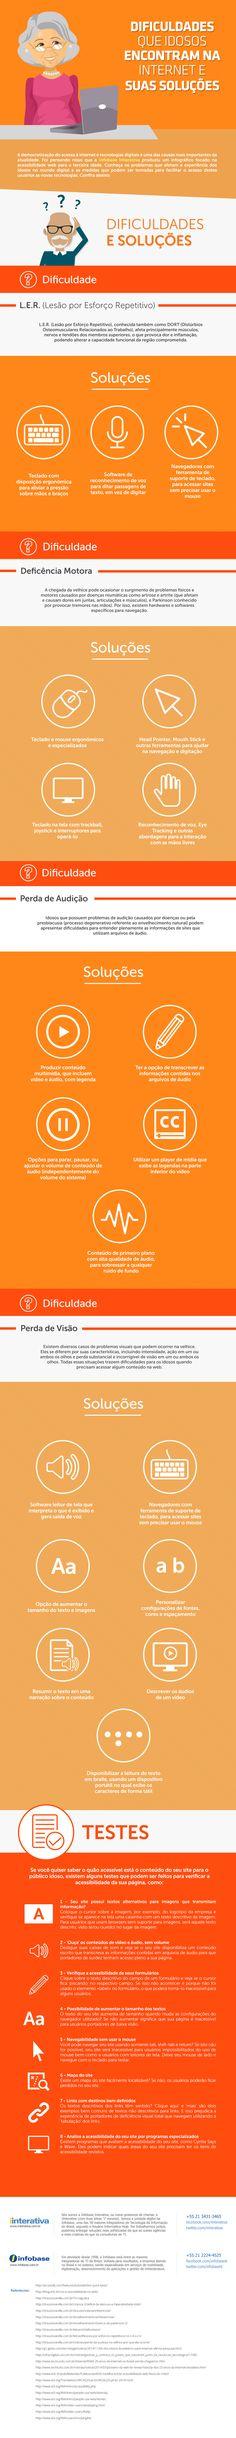 Infográfico – Dificuldades que idosos encontram na internet e suas soluções http://www.iinterativa.com.br/infografico-dificuldades-idosos-encontram-na-internet-suas-solucoes/